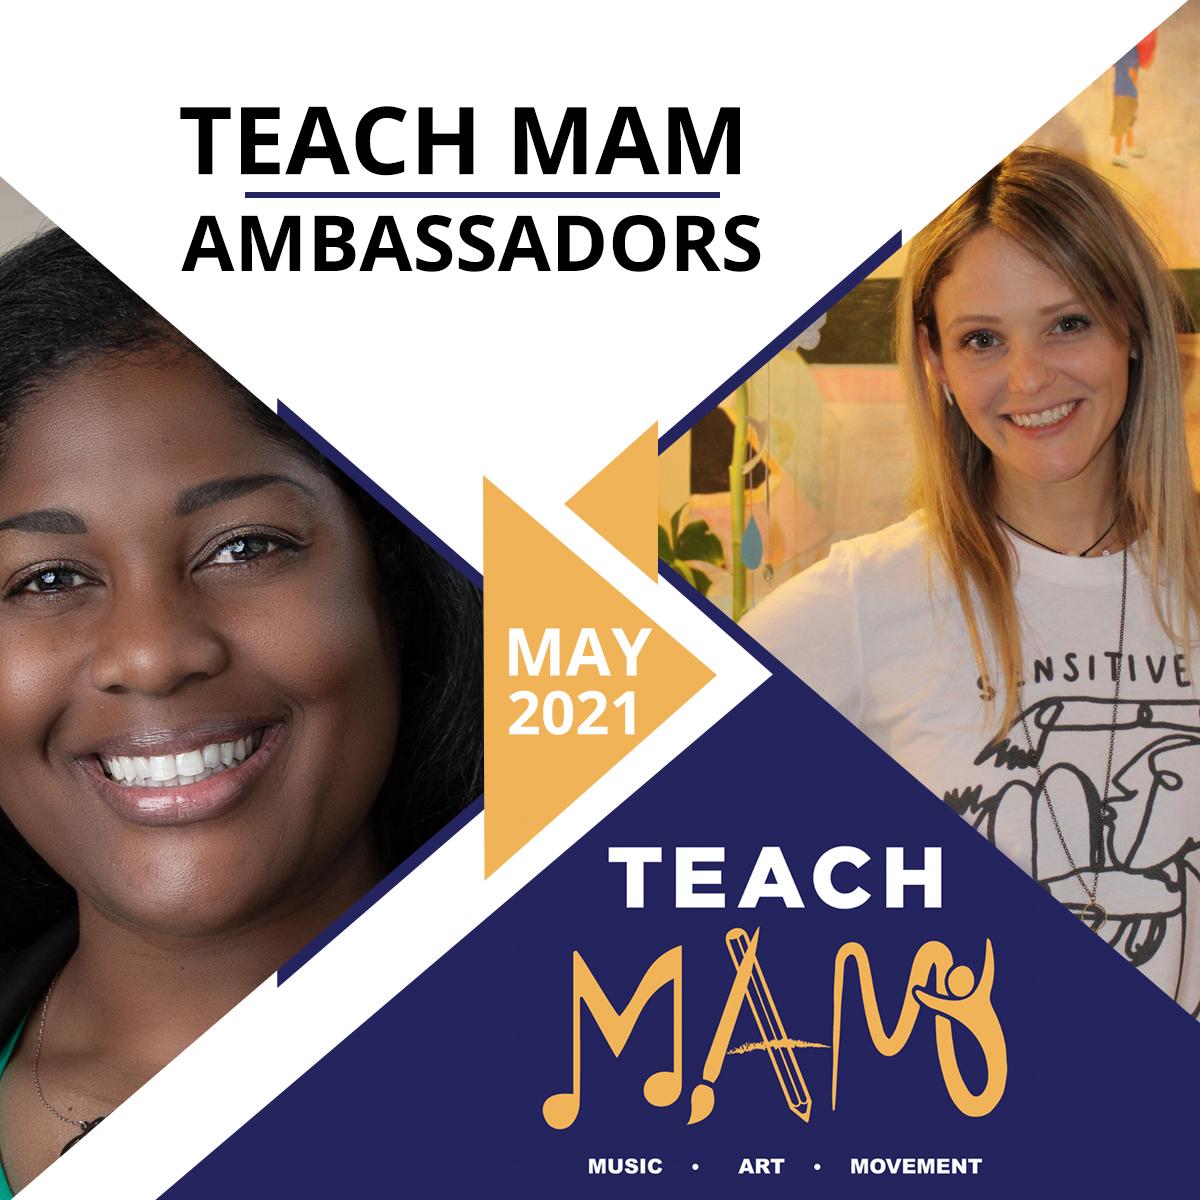 Teach MAM – Ambassadors